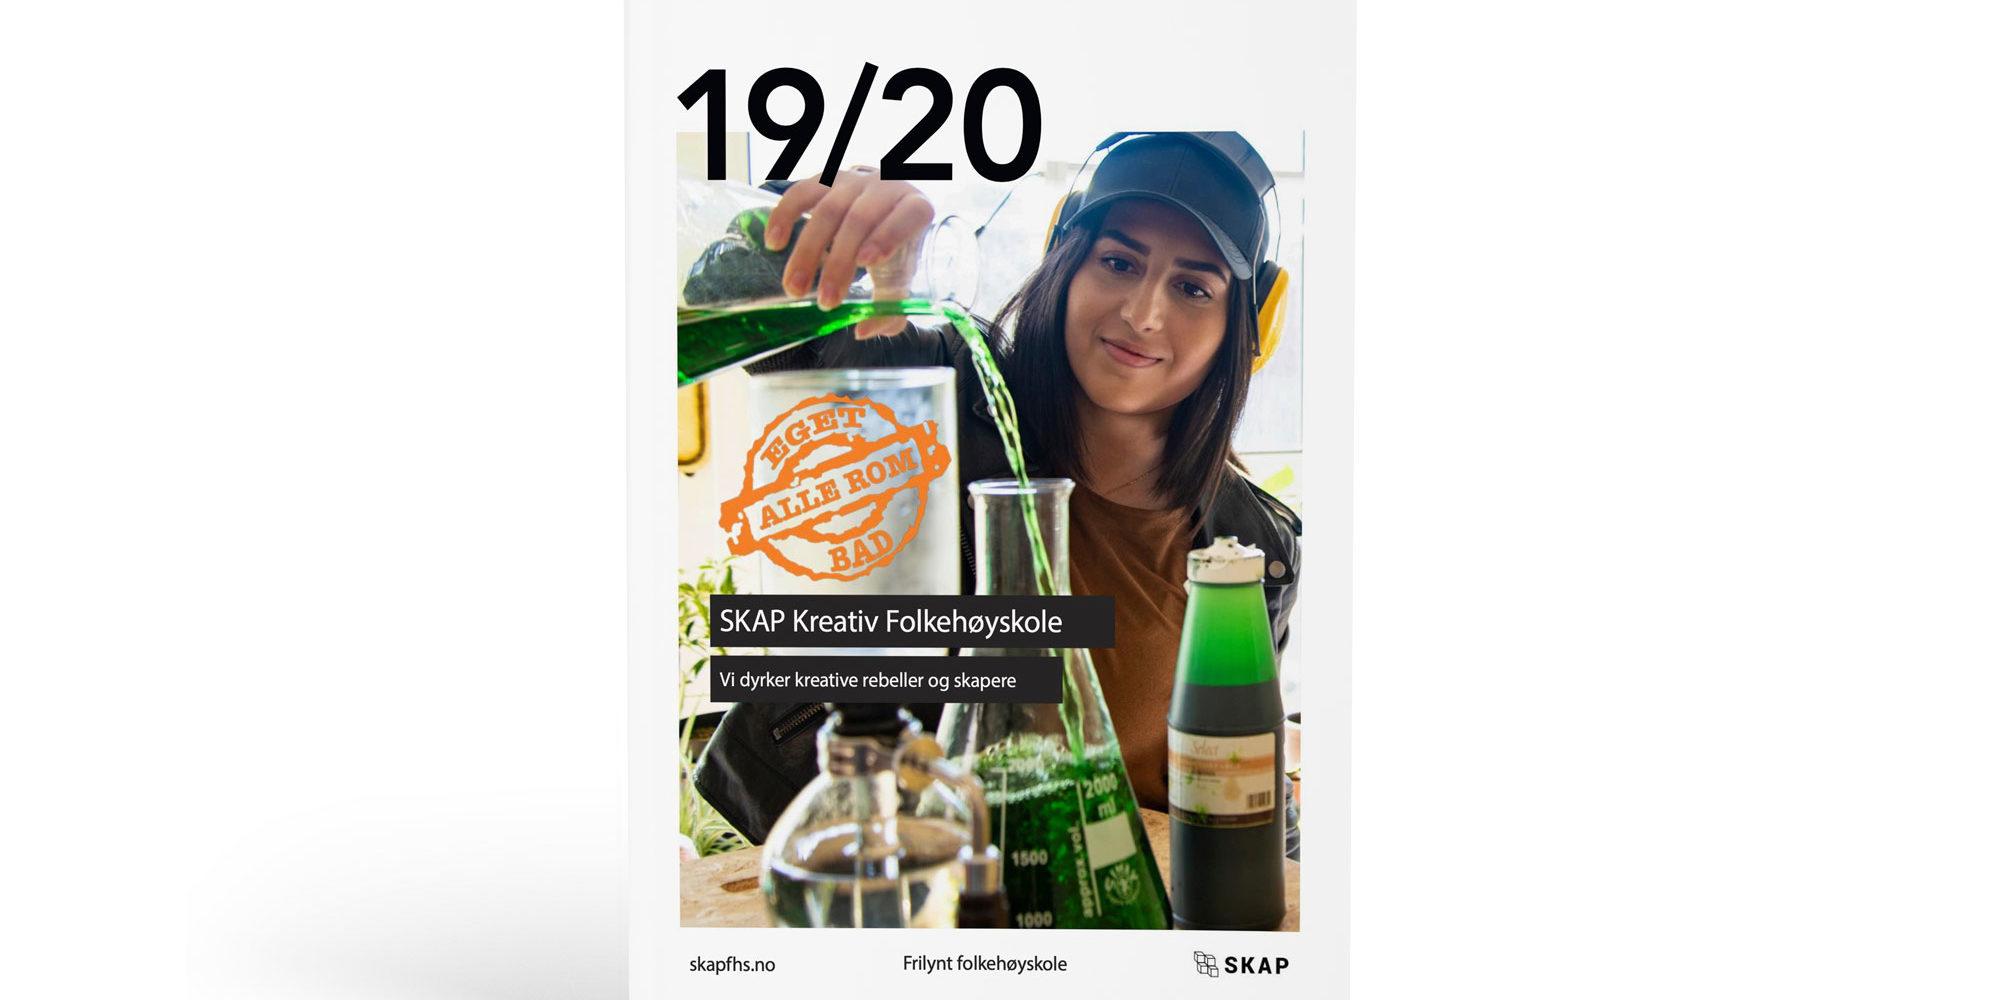 SKAP FHS katalog 19/20